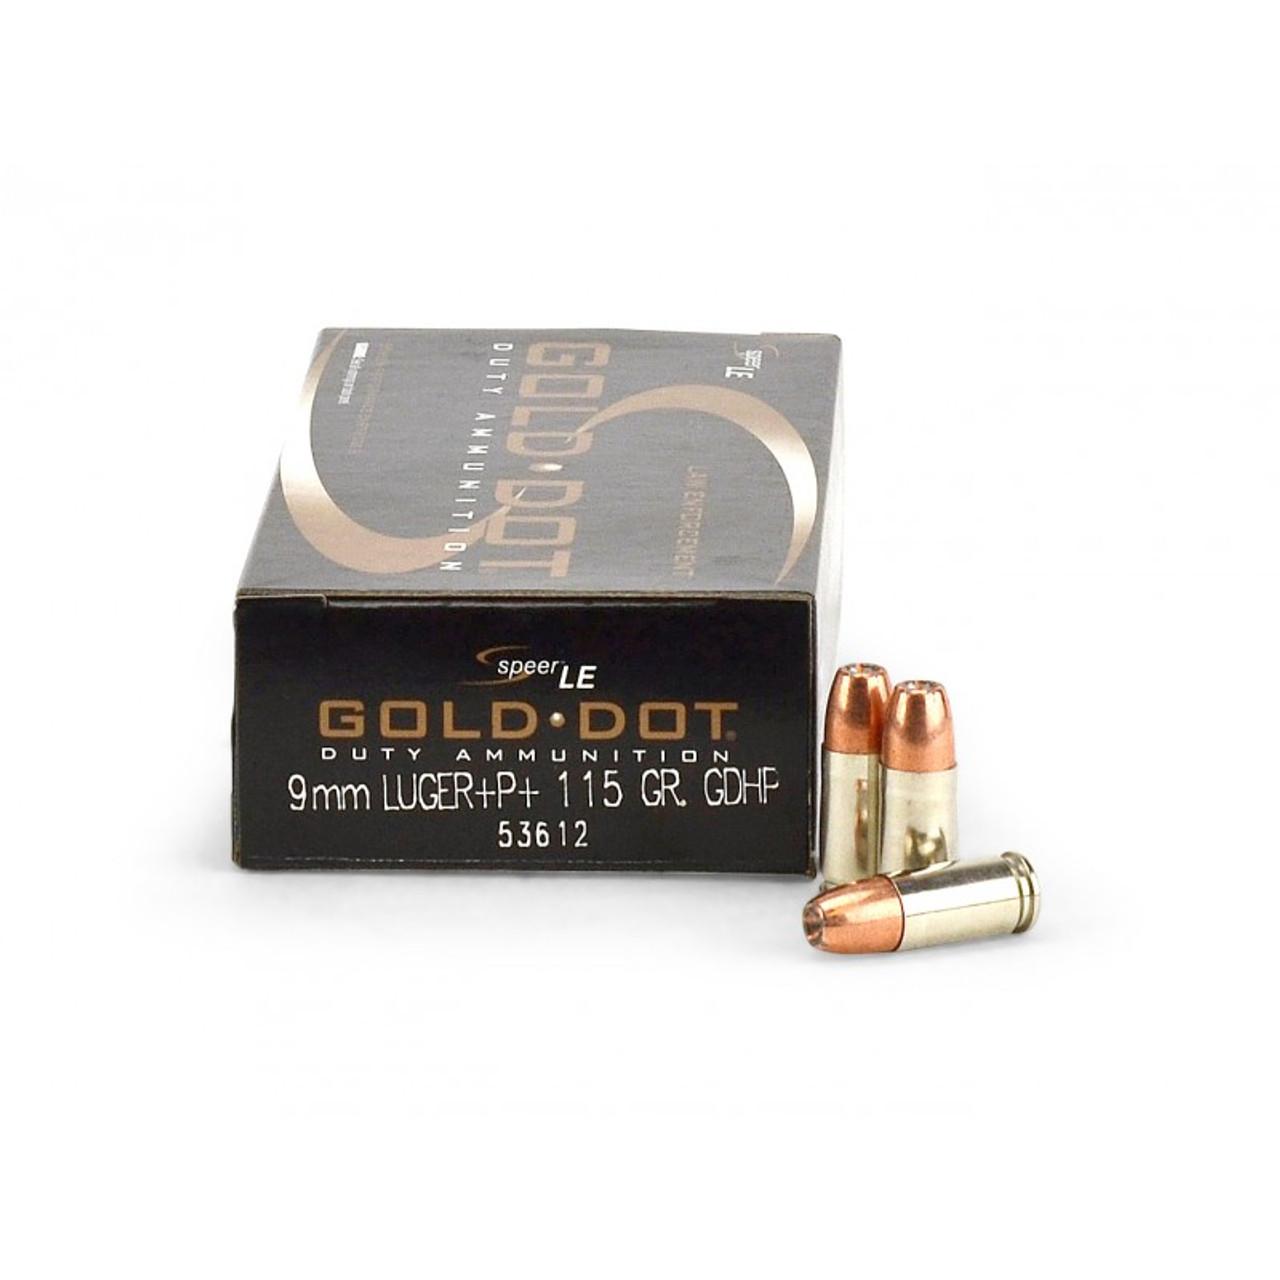 9mm 115 Grain +P+ GDHP Speer CCI Gold Dot Law Enforcement - 50 Rounds